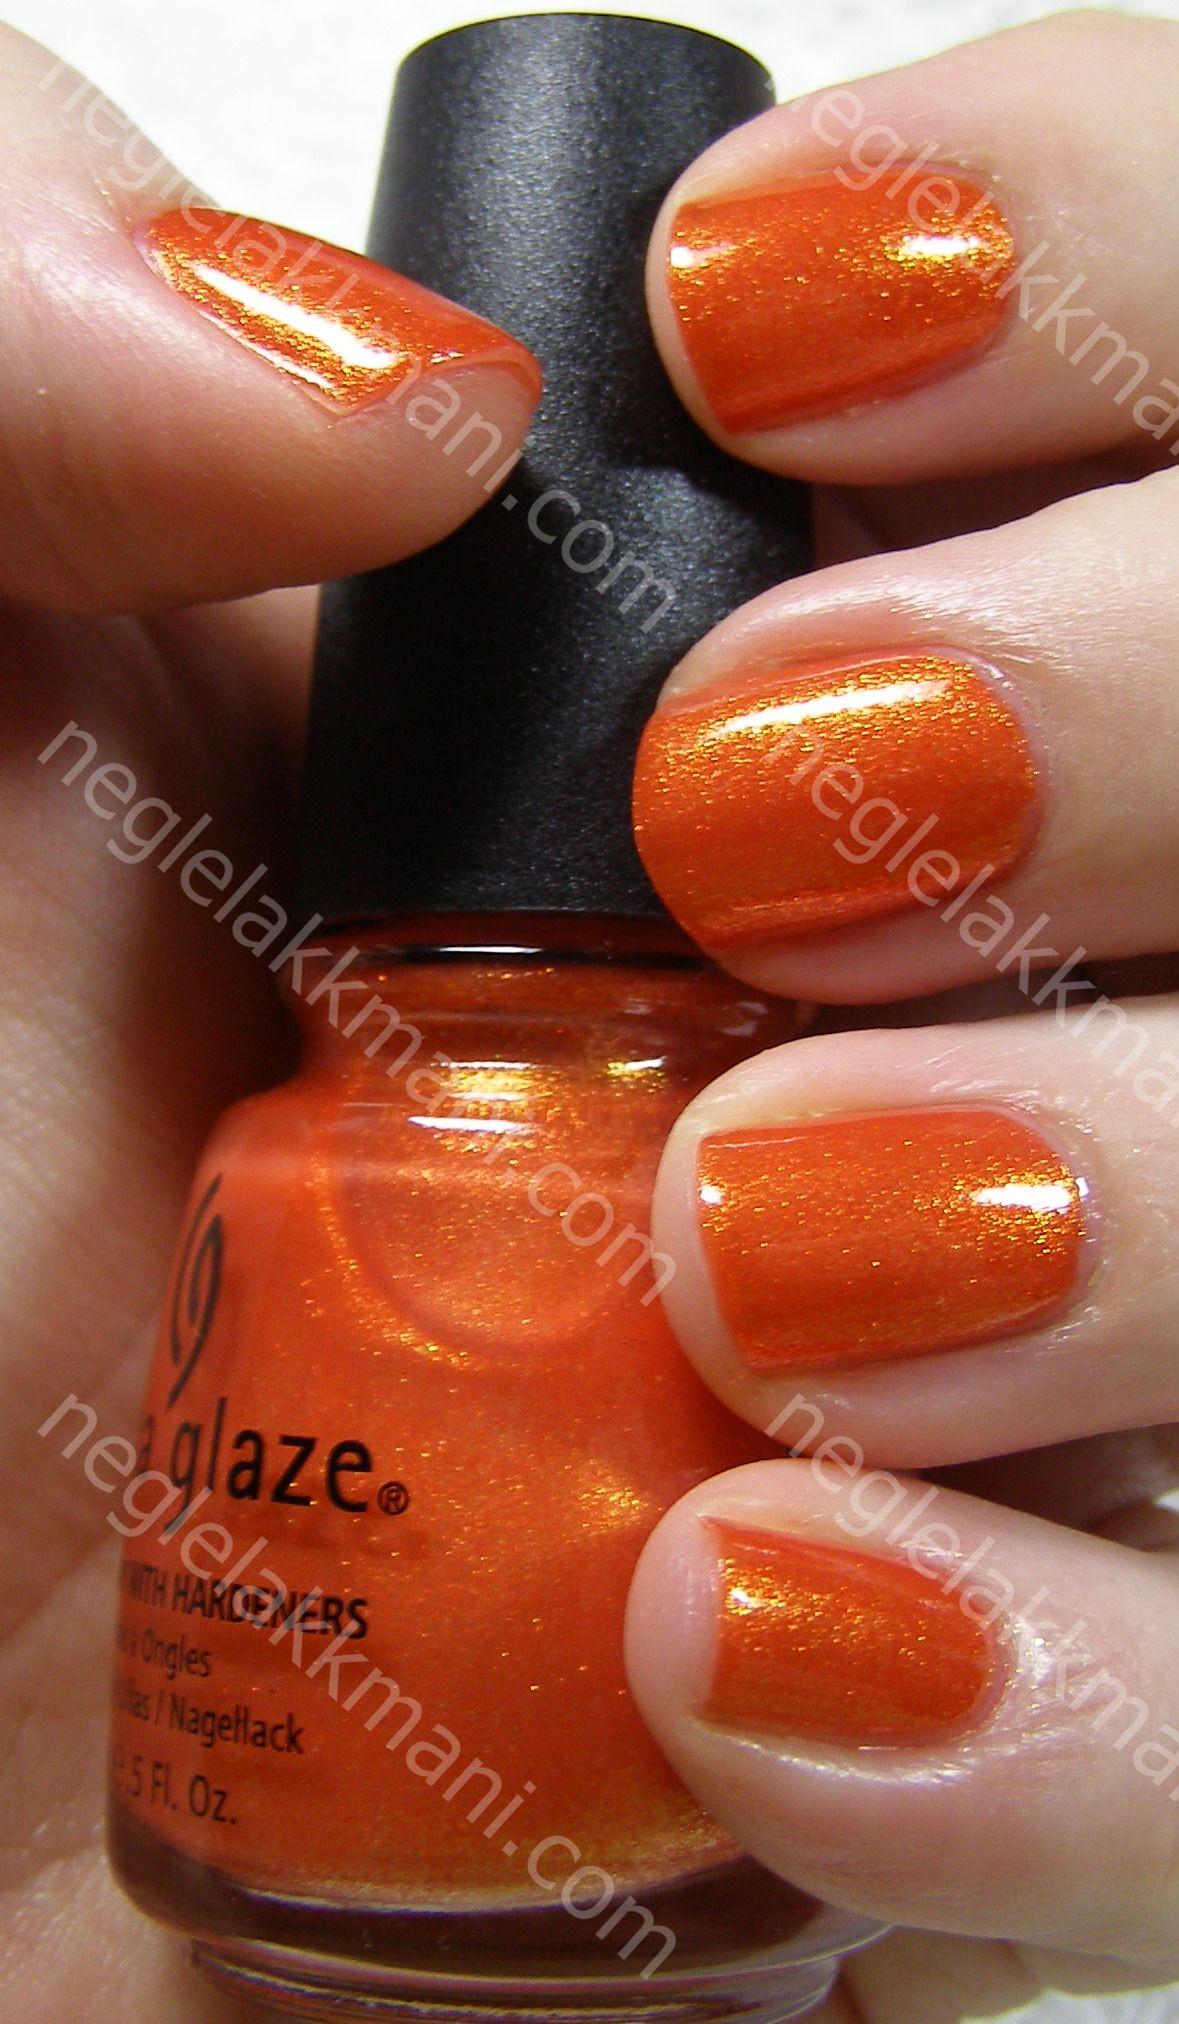 China Glaze Orange Marmalade